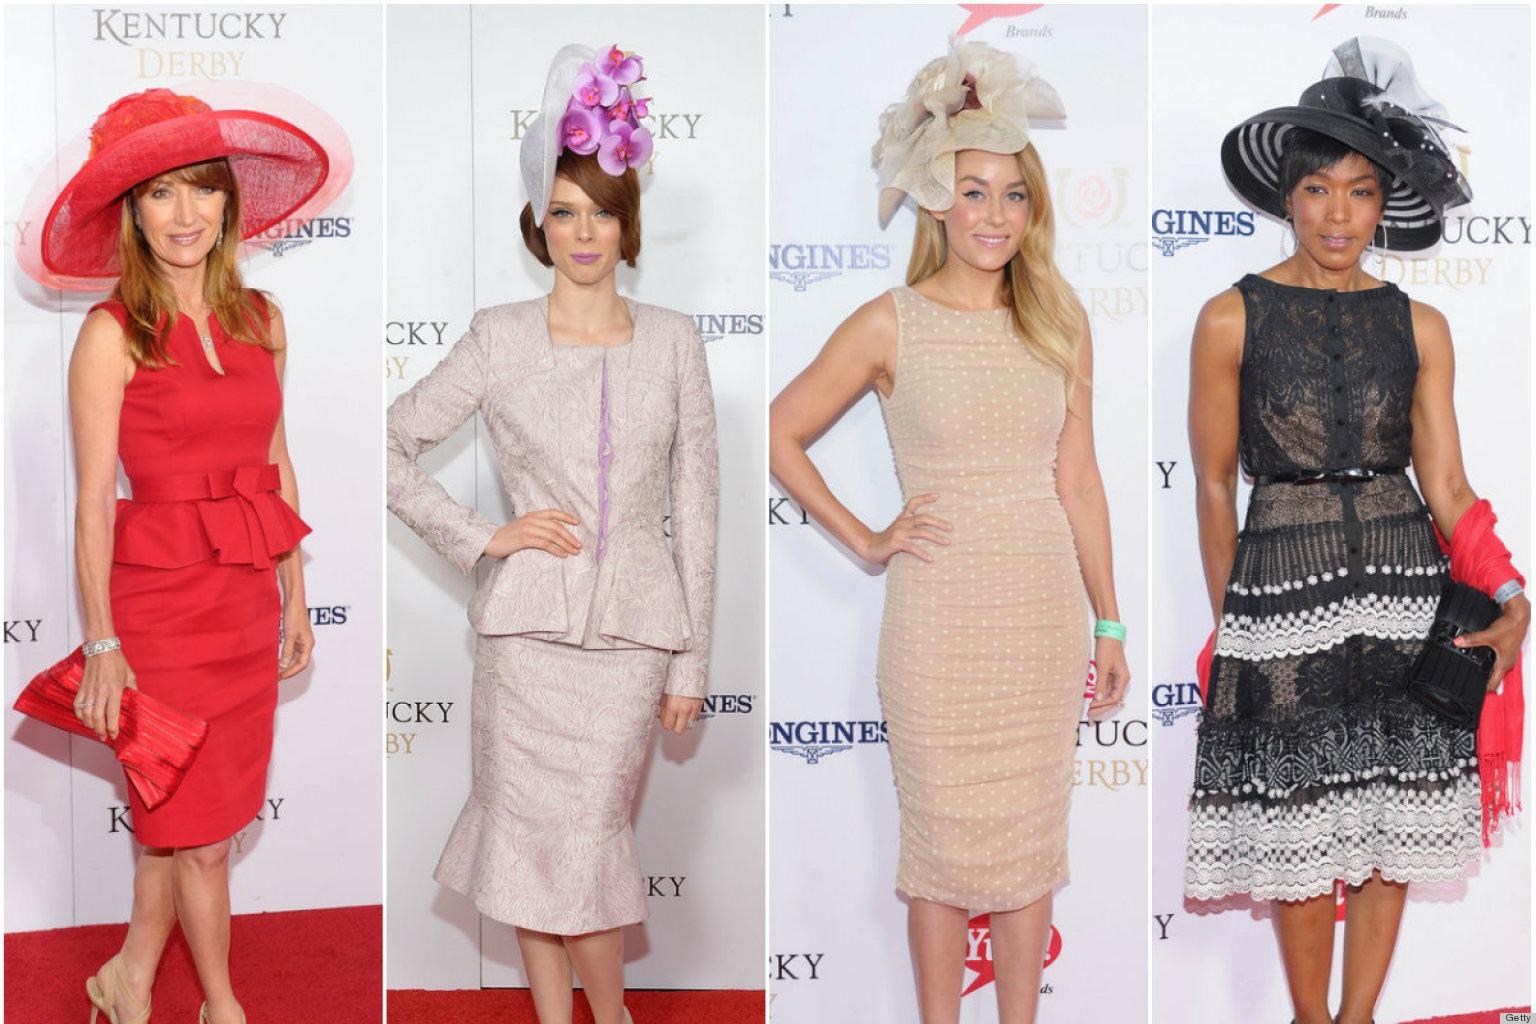 Kentucky Derby 2020 Fashion.Kentucky Derby Hats Kentucky Derby Online Betting 2020